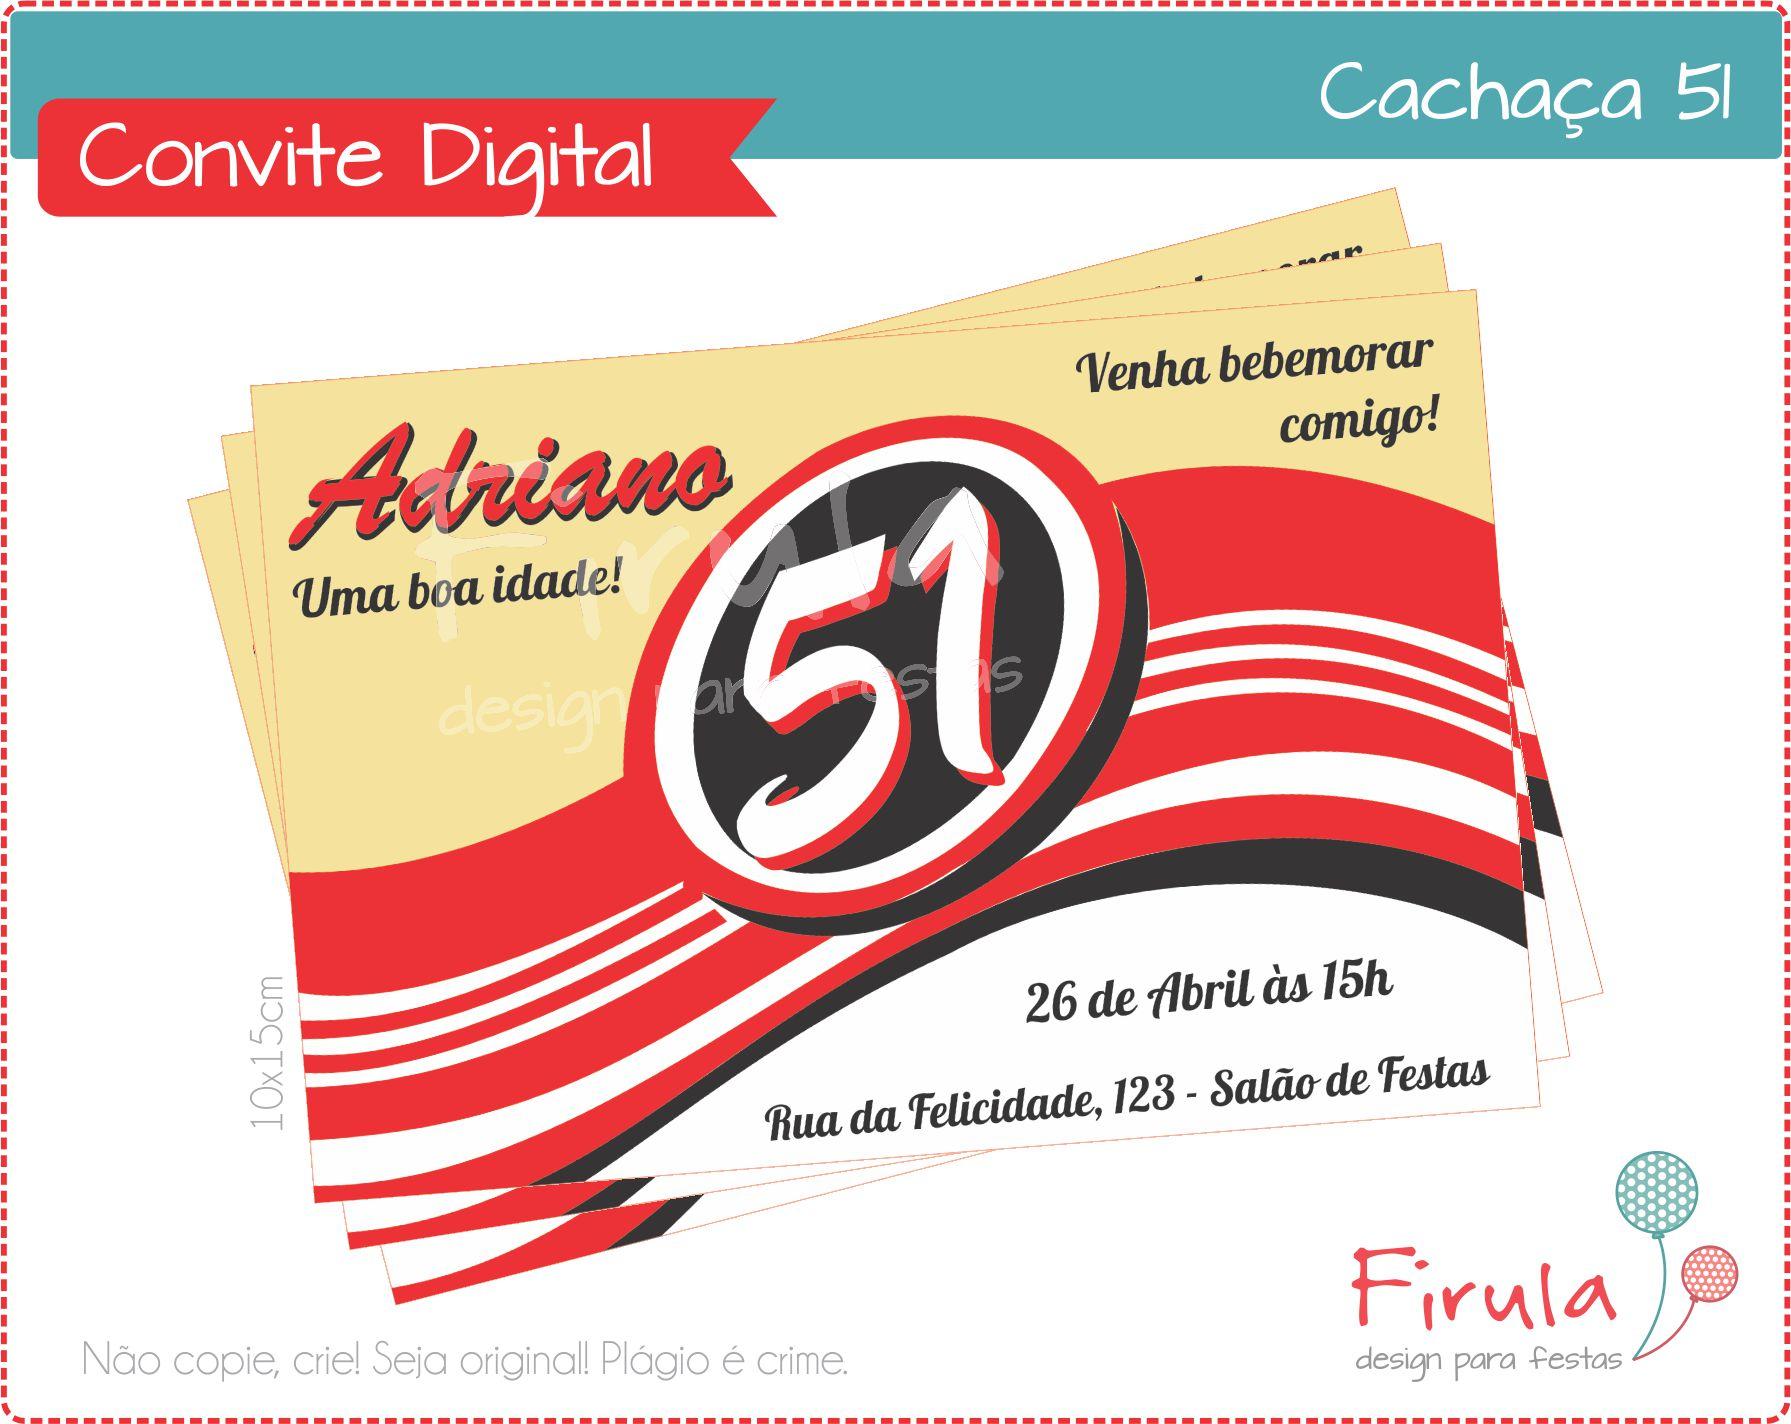 Convite Digital Boteco Cachaca No Elo7 Firula Festas 76ee6a